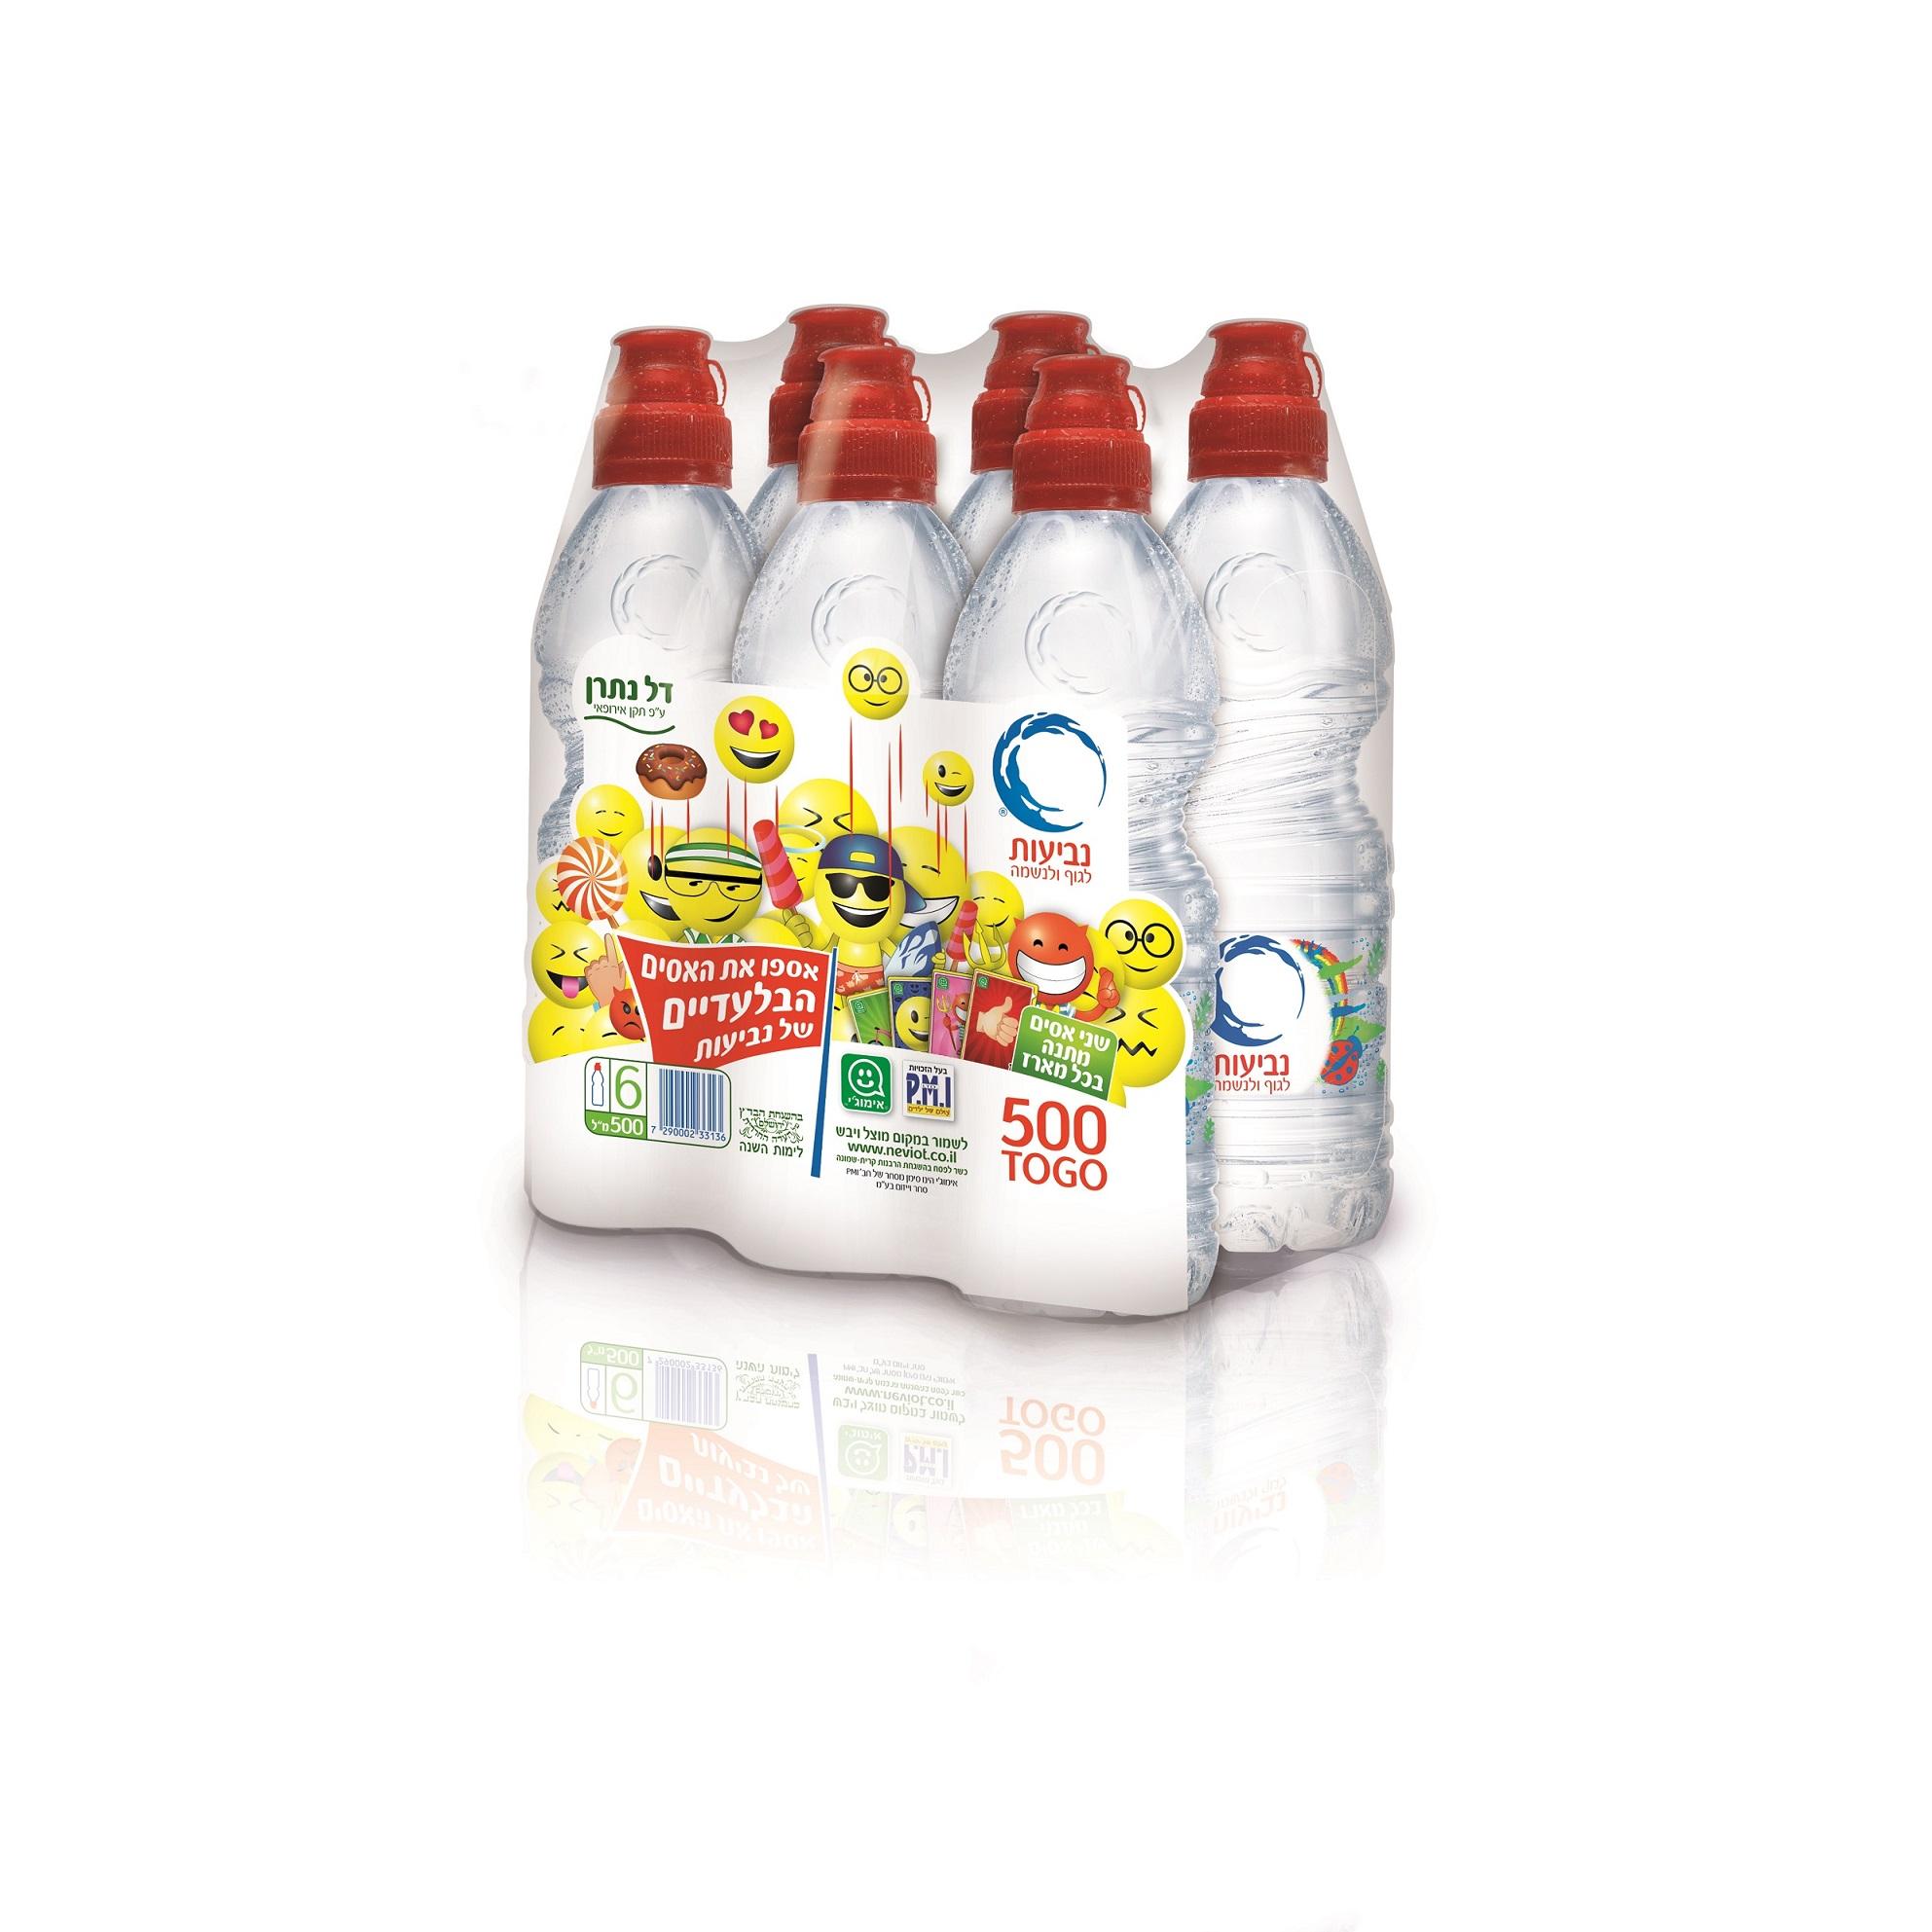 """""""Невиот"""" представляет TOGO: упаковку из шести бутылок воды с двумя смайликами"""